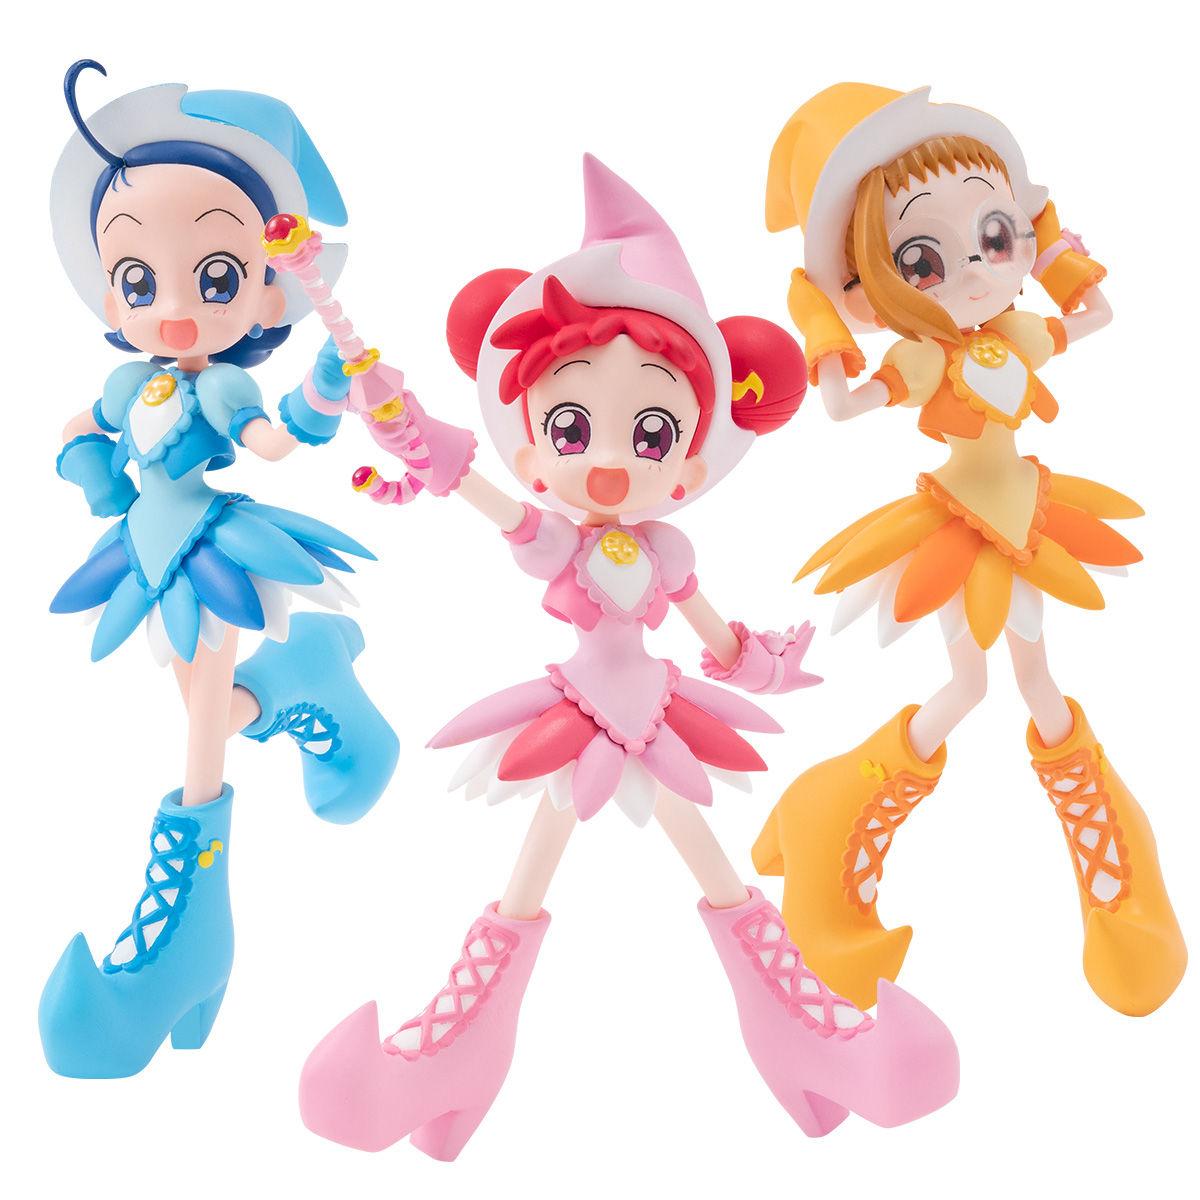 【限定販売】HG GIRLS『おジャ魔女どれみセット』3体セット-001